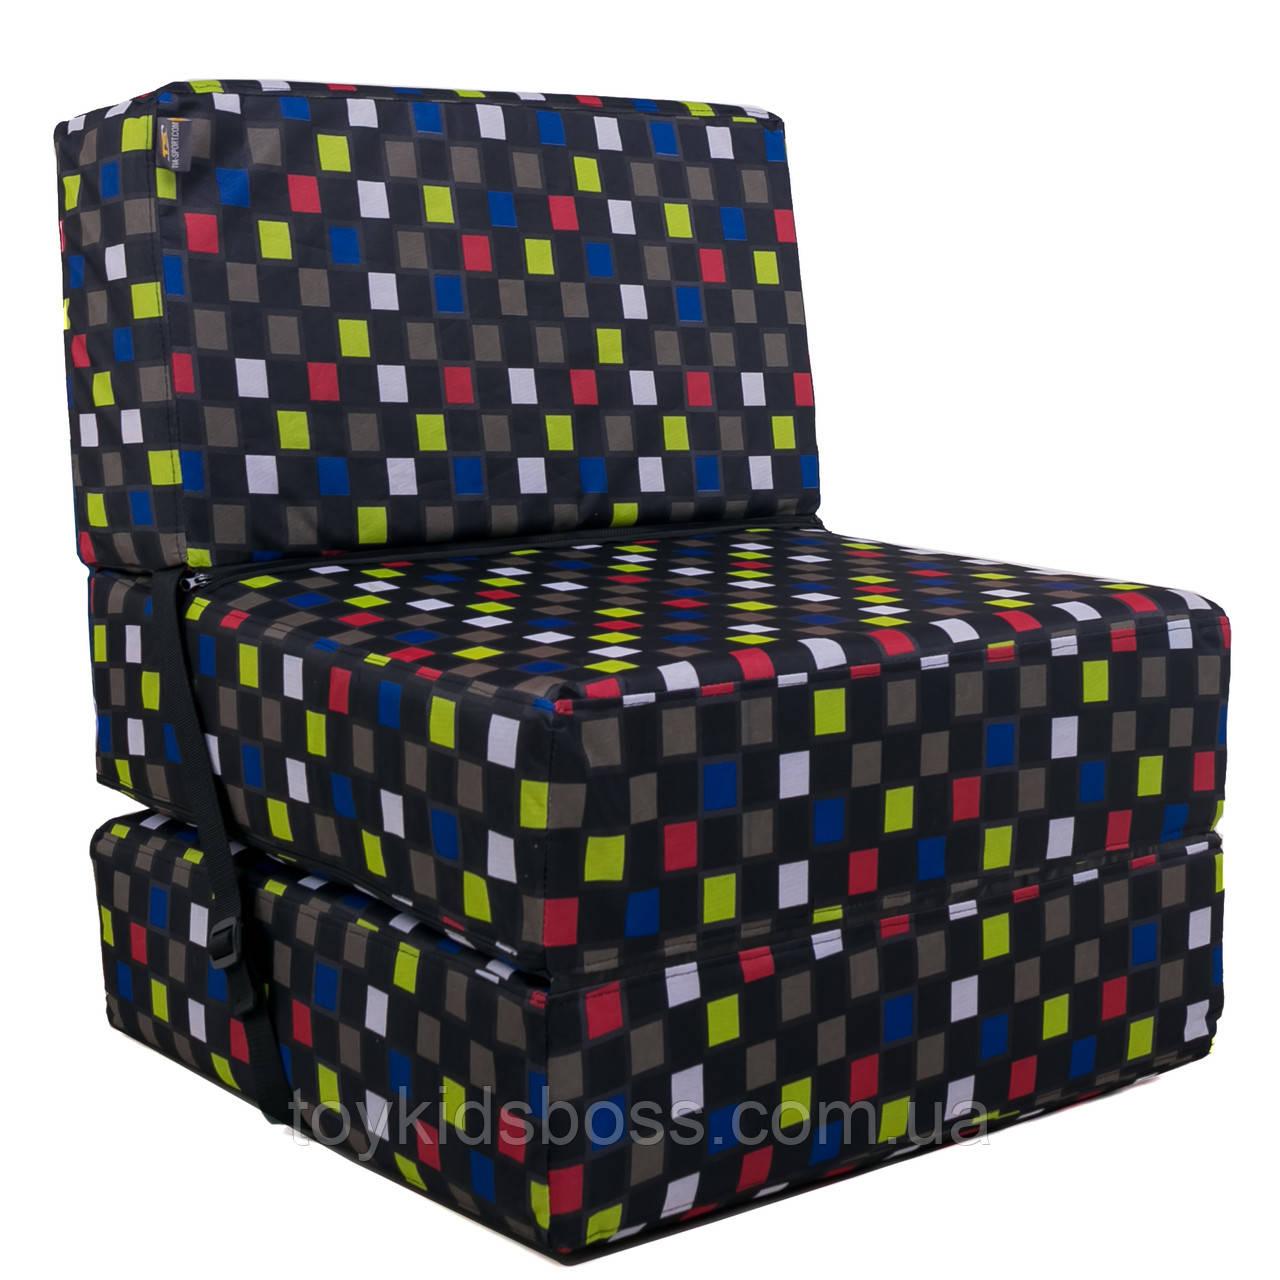 Безкаркасне крісло розкладне ліжко Принт поролон TIA-SPORT